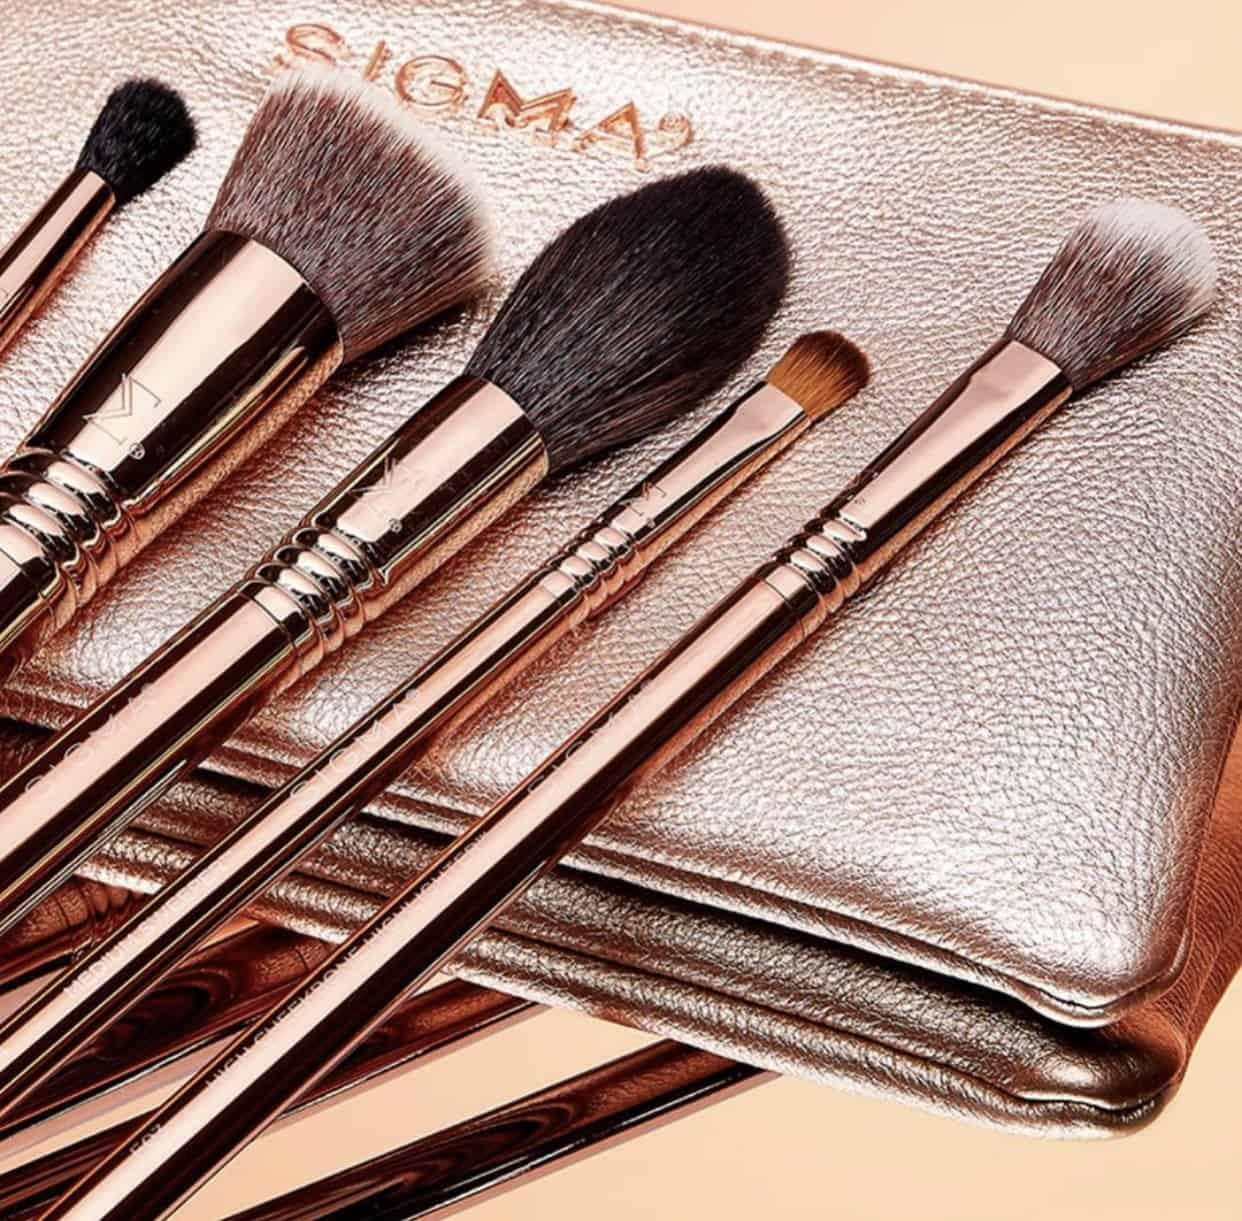 Sigma Iconic Brush Set